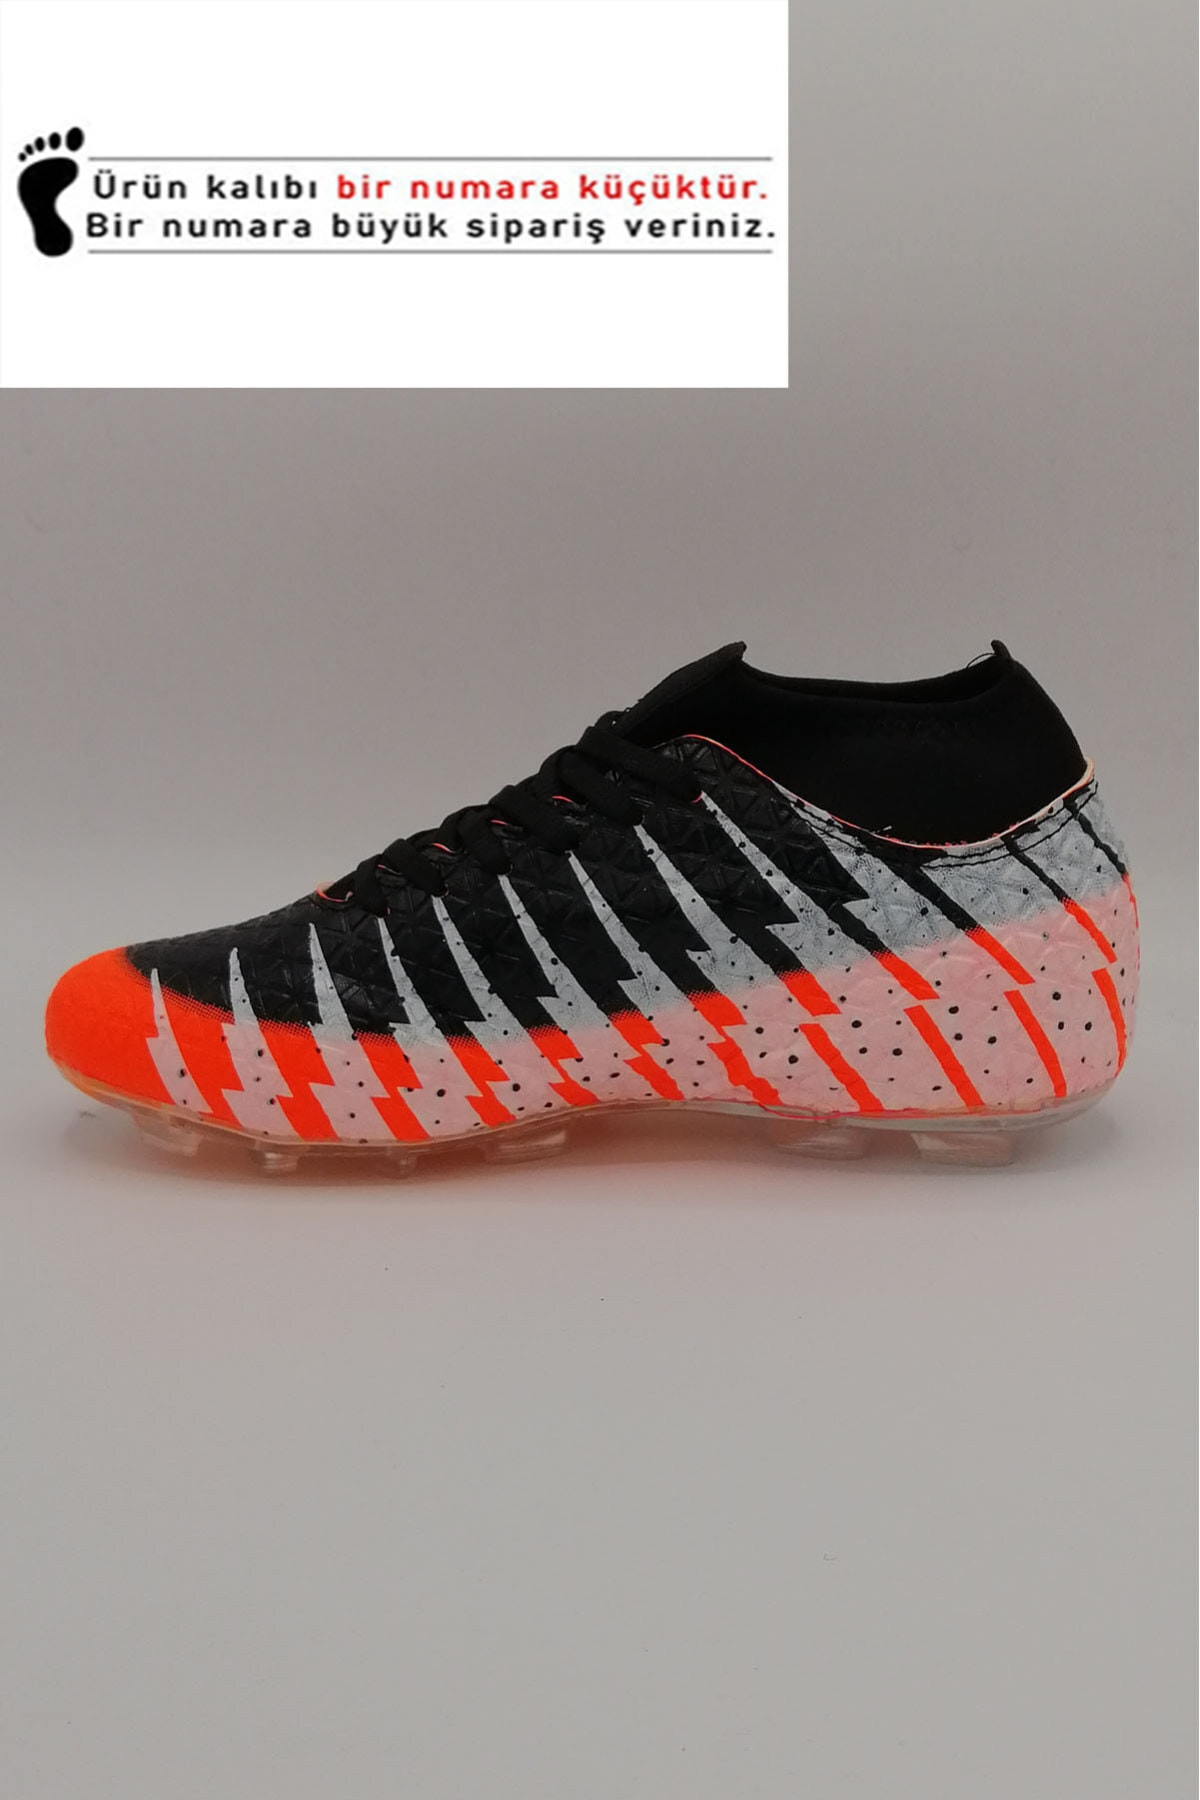 modastar Lion 1453 Erkek Turuncu Siyah Çoraplı Futbol Krampon Ayakkabı